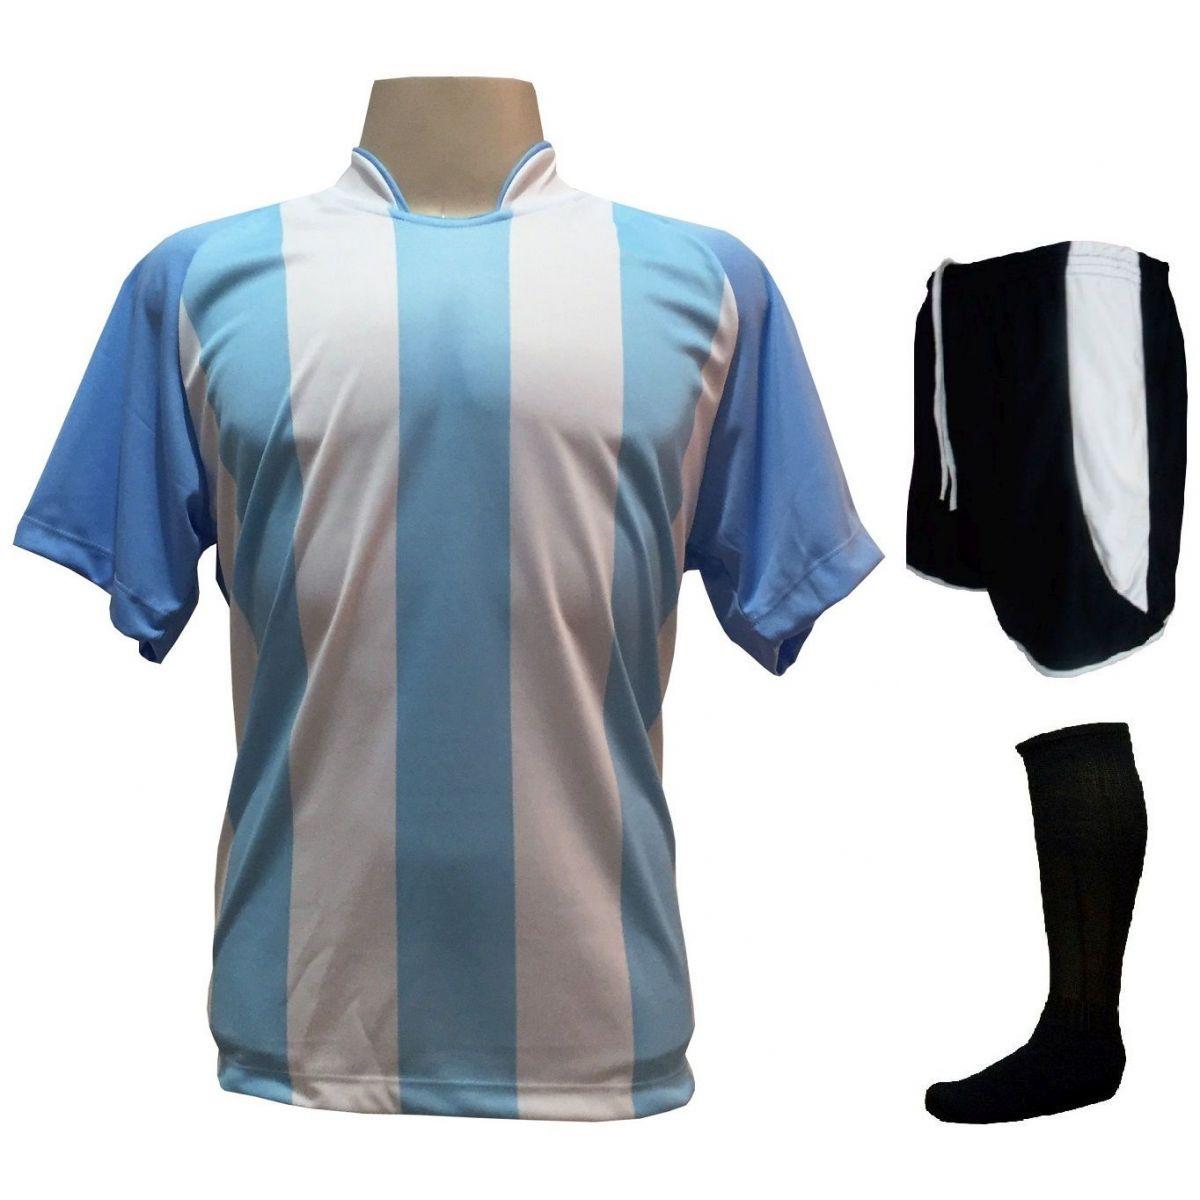 Fardamento Completo modelo Milan 20+1 (20 camisas Celeste/Branco + 20 calções modelo Copa Preto/Branco + 20 pares de meiões Preto + 1 conjunto de goleiro) + Brindes